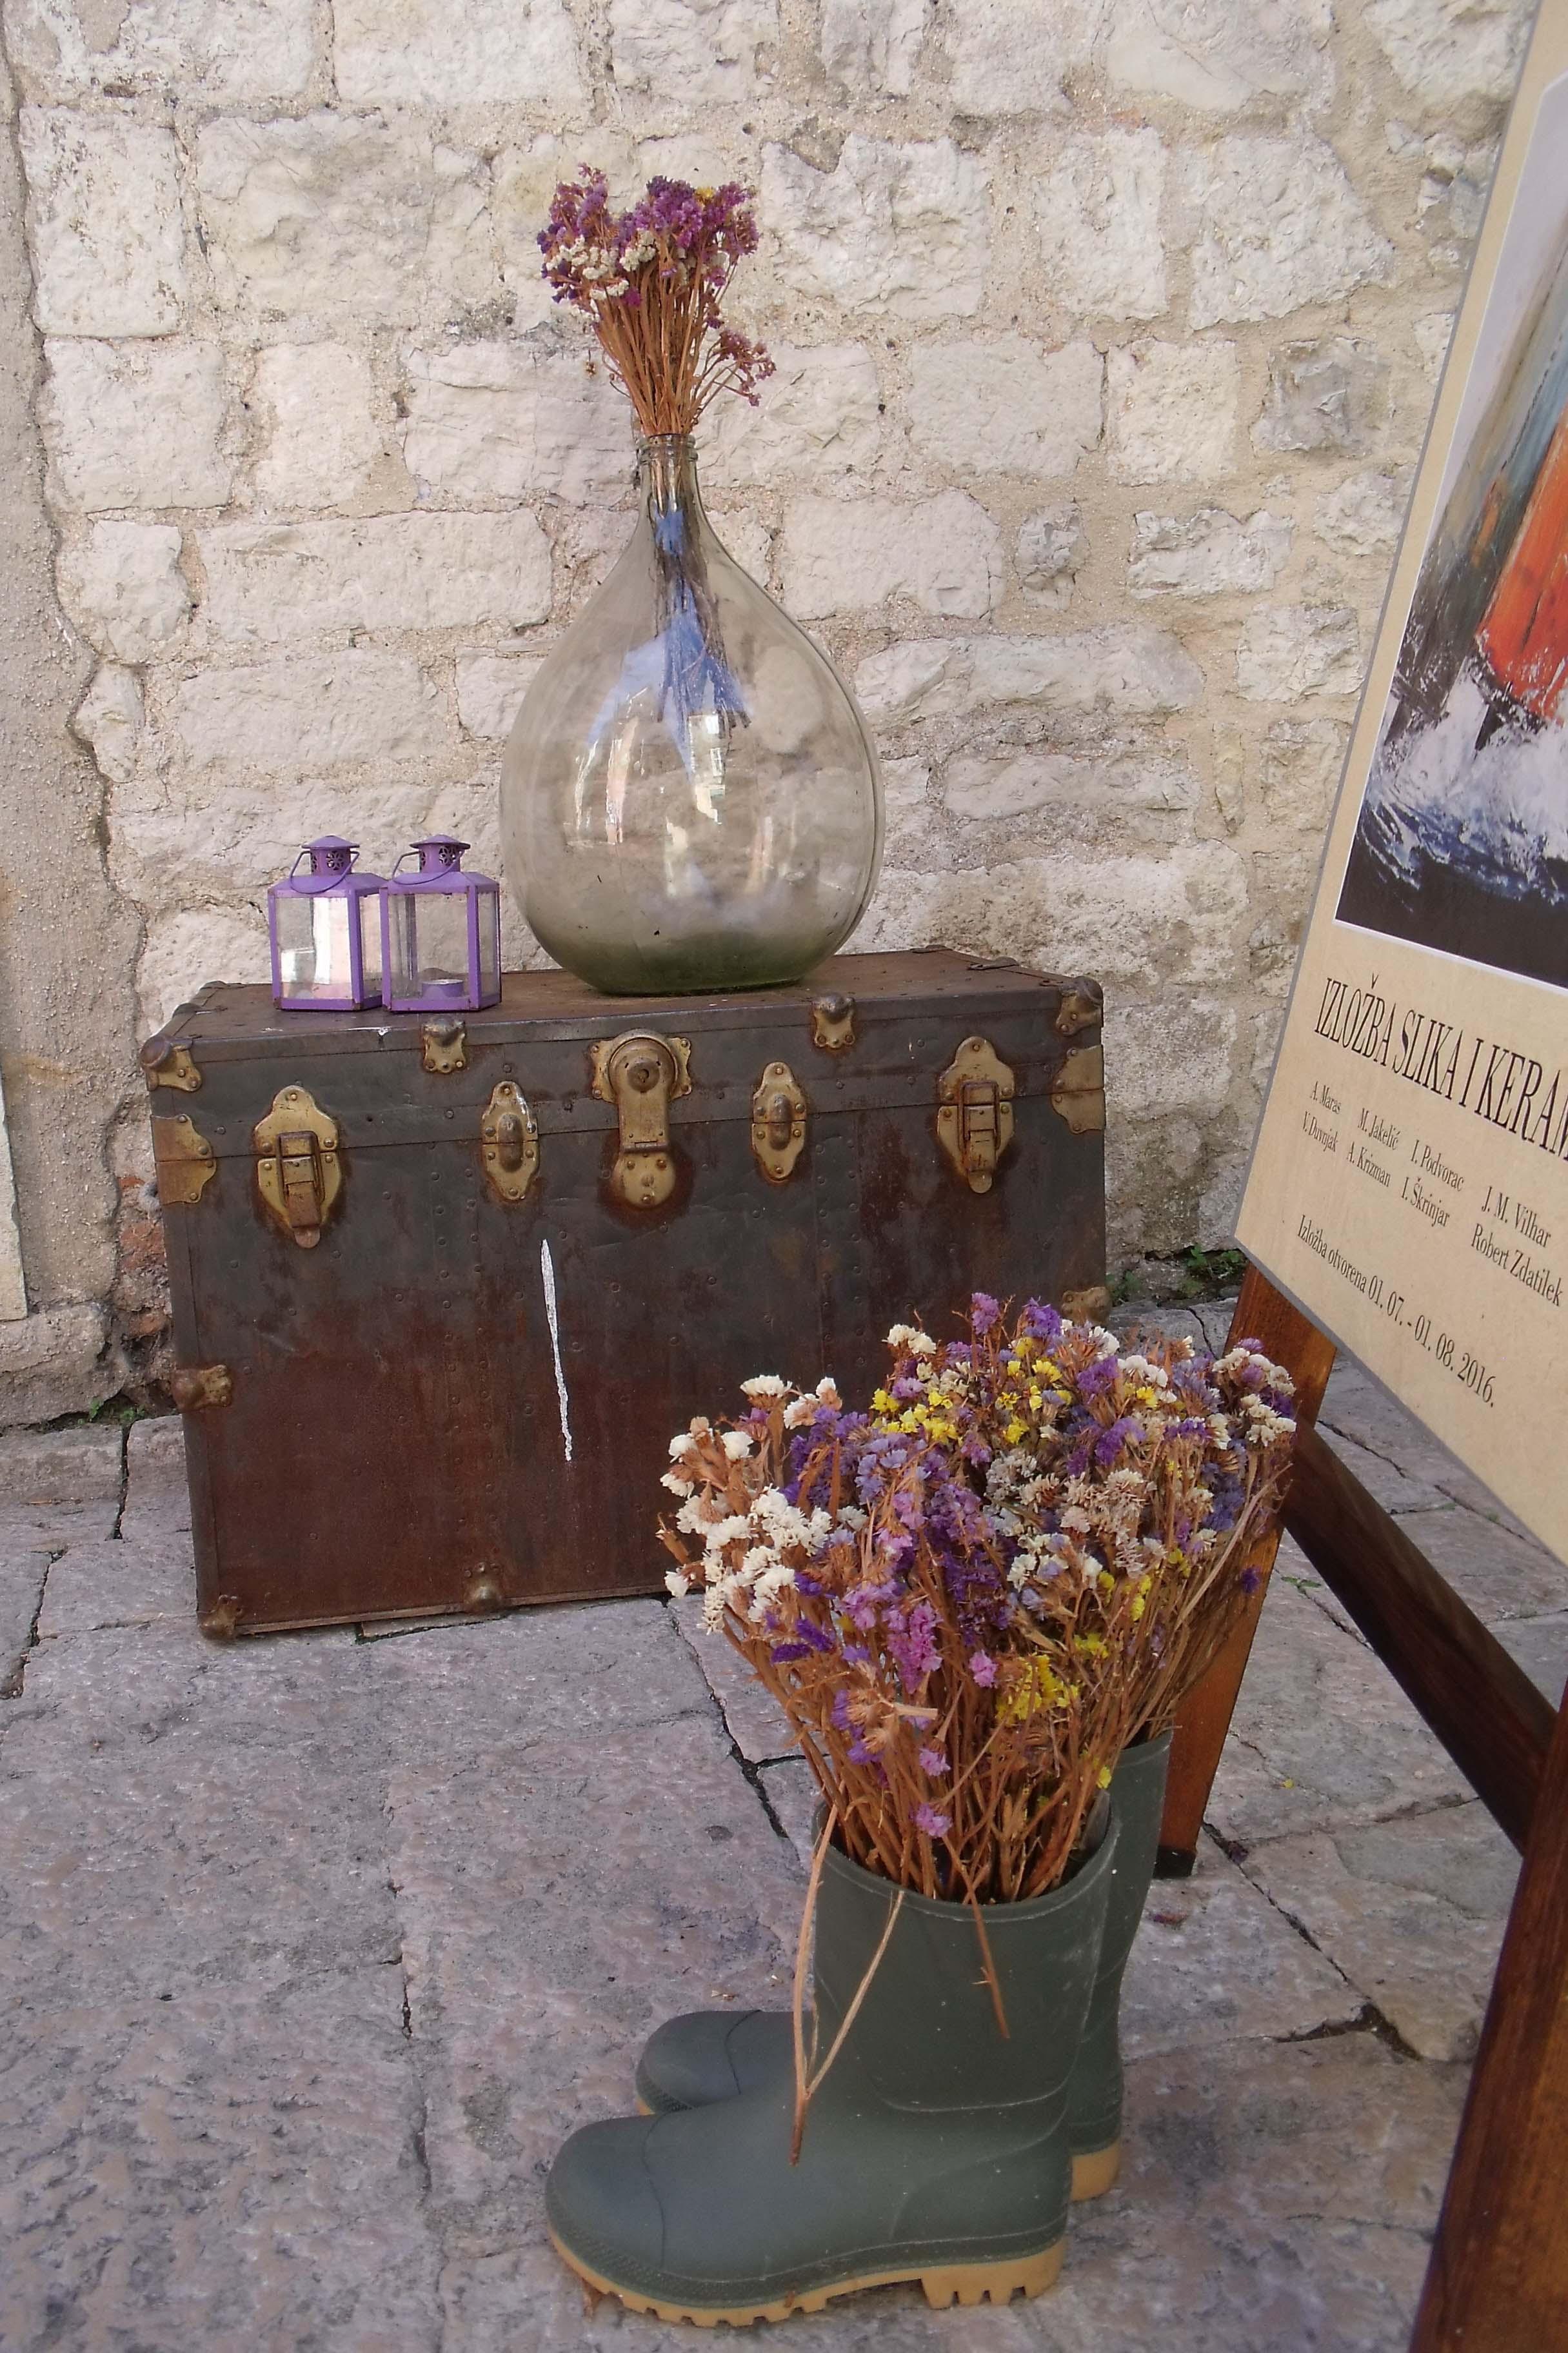 Quelques jours à Zadar - un bouquet de fleurs séchées dans une paire de bottes devant une galerie